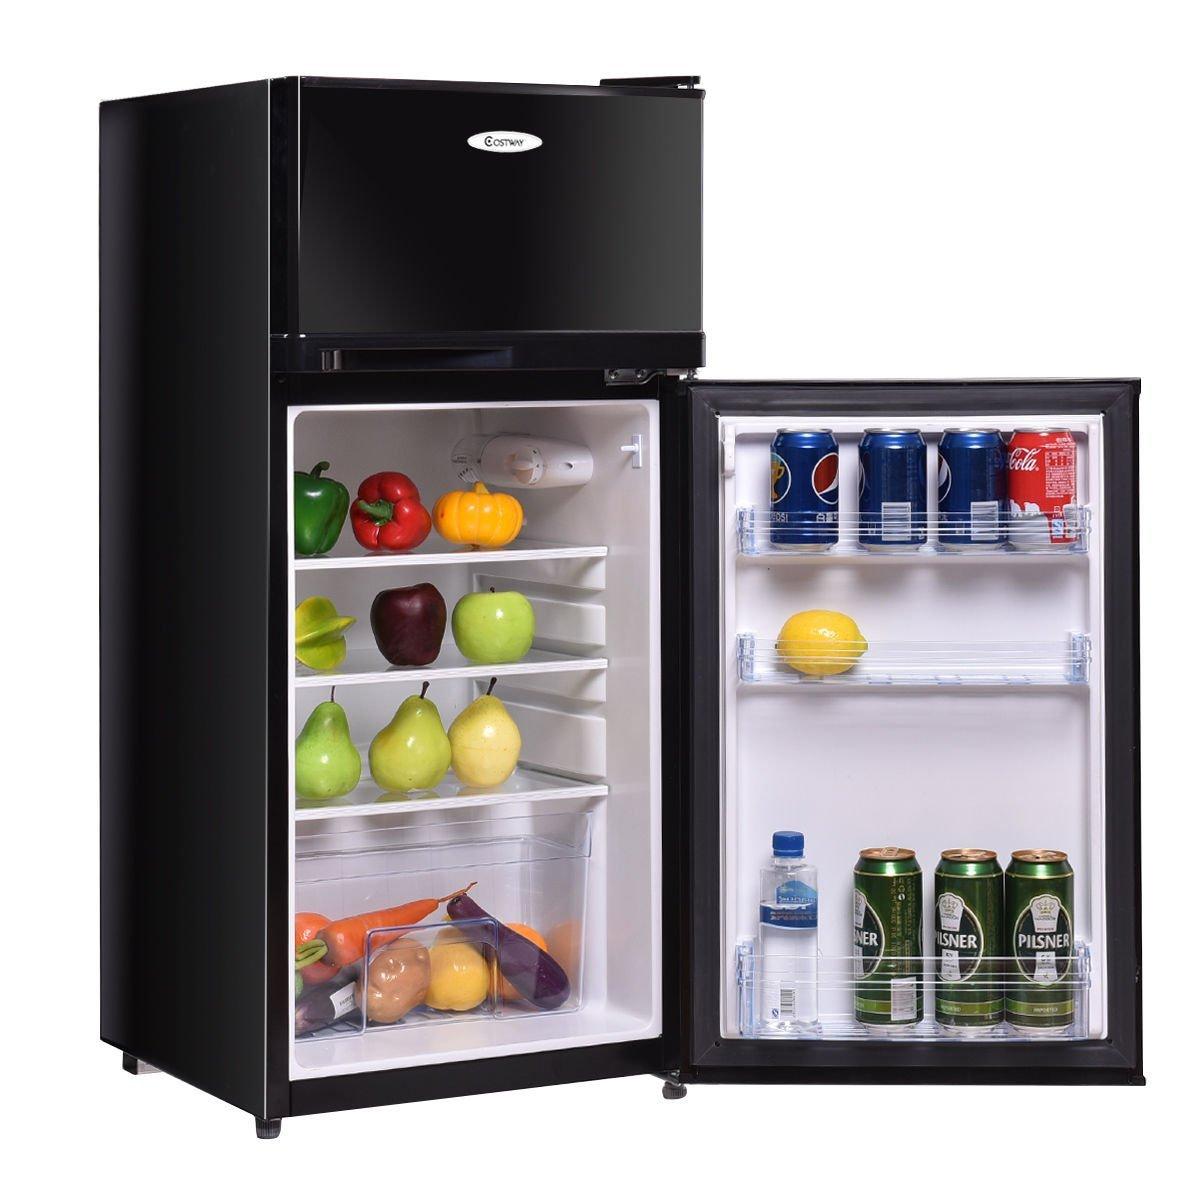 Costway 3.4 Cu. Ft. 2 Door Compact Mini Refrigerator Freezer Cooler